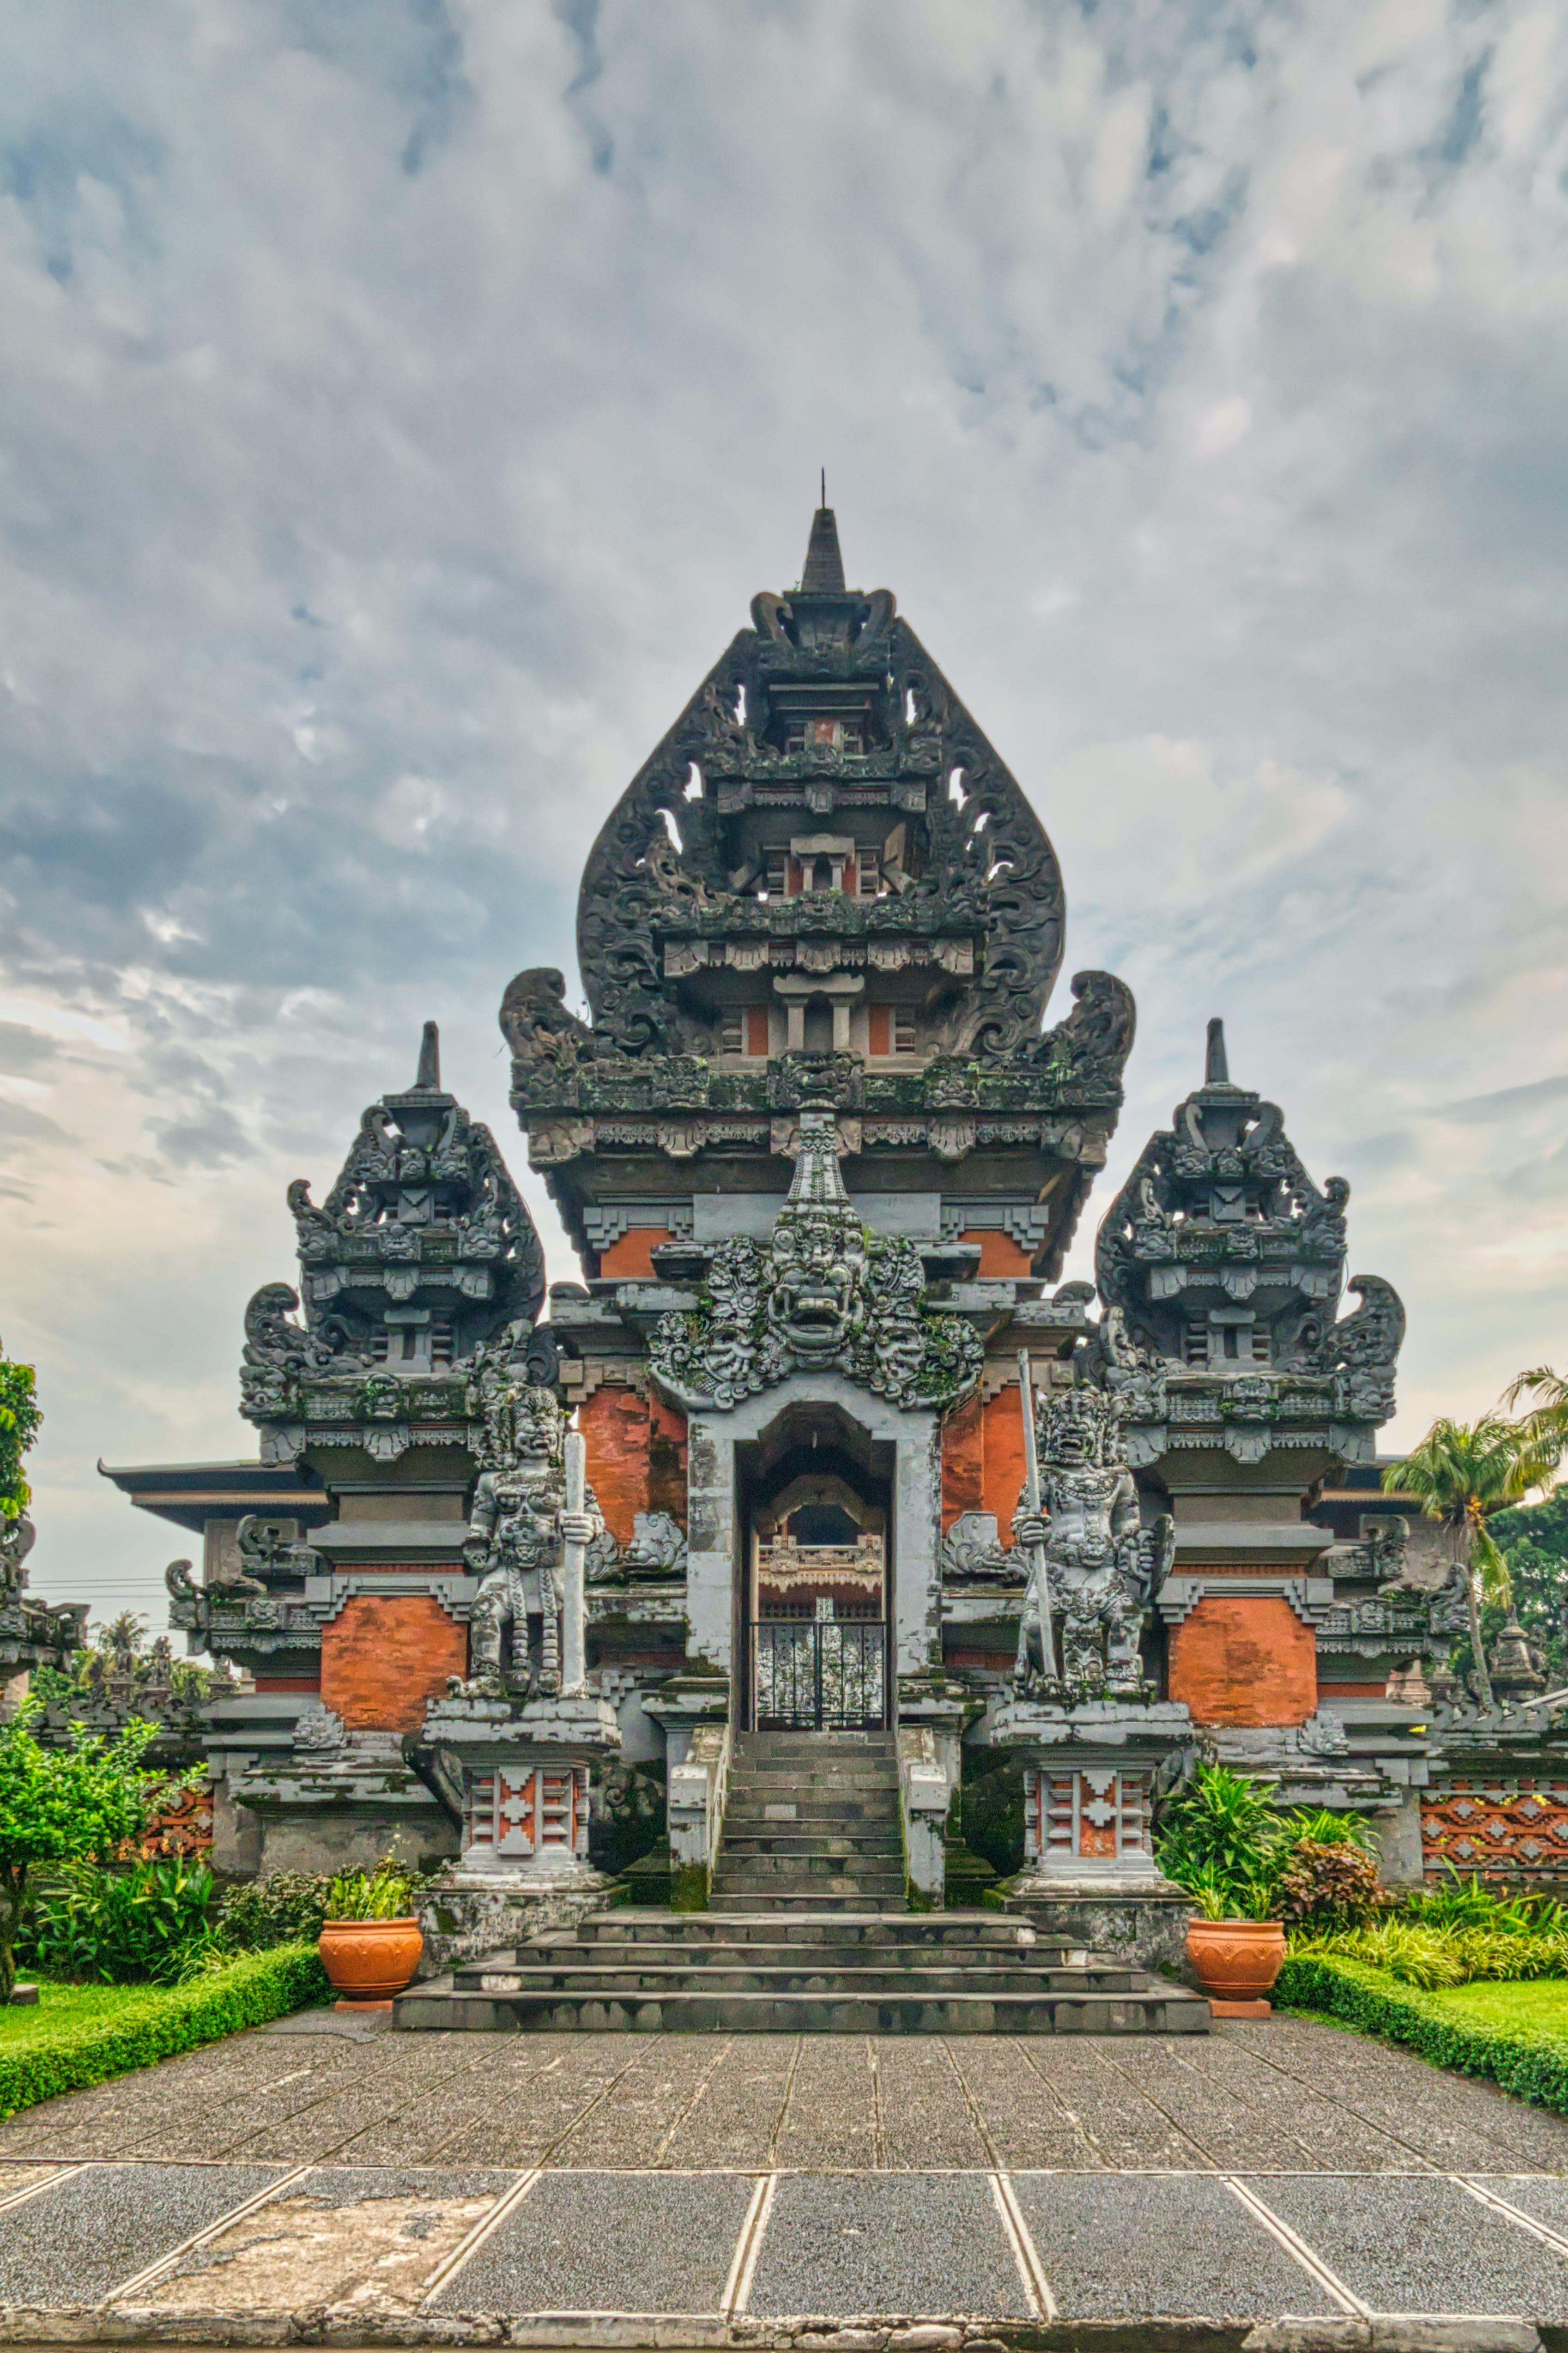 印尼, 古老的, 寺廟, 建築 的 免費圖庫相片